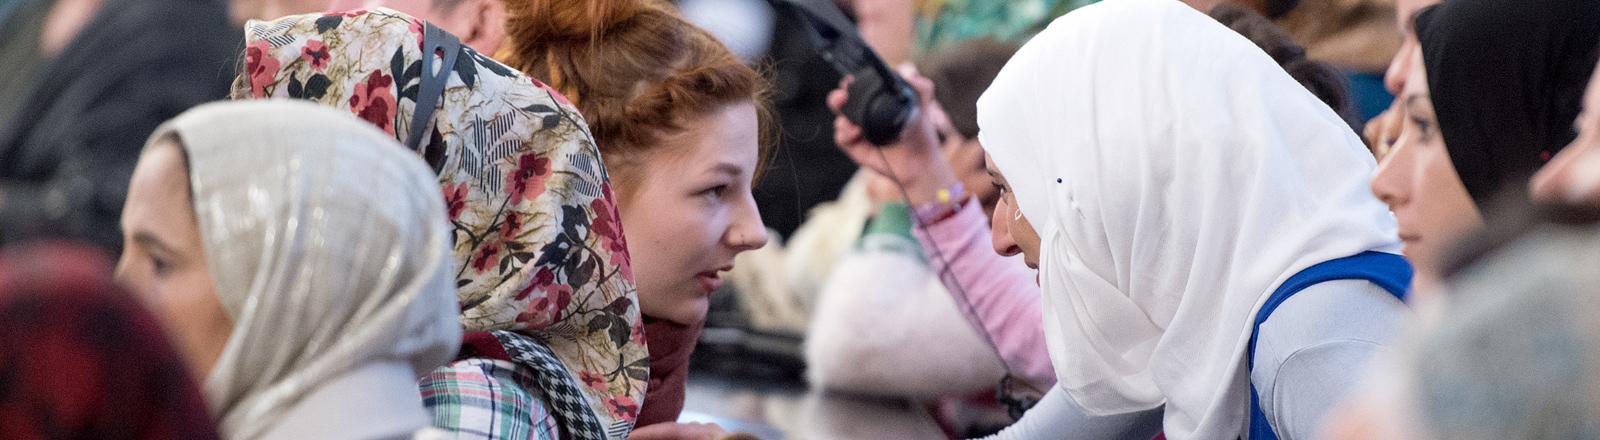 Eine Freiwillige und eine Flüchtlingsfrau unterhalten sich am 01.11.2015 in der Paulskirche in Frankfurt am Main (Hessen). Unter dem Motto «Frankfurt Hilft» veranstaltete die Stadt hier gemeinsam mit Flüchtlingen und Helfern ein Fest zum Dank an freiwillige und professionelle Helfer.